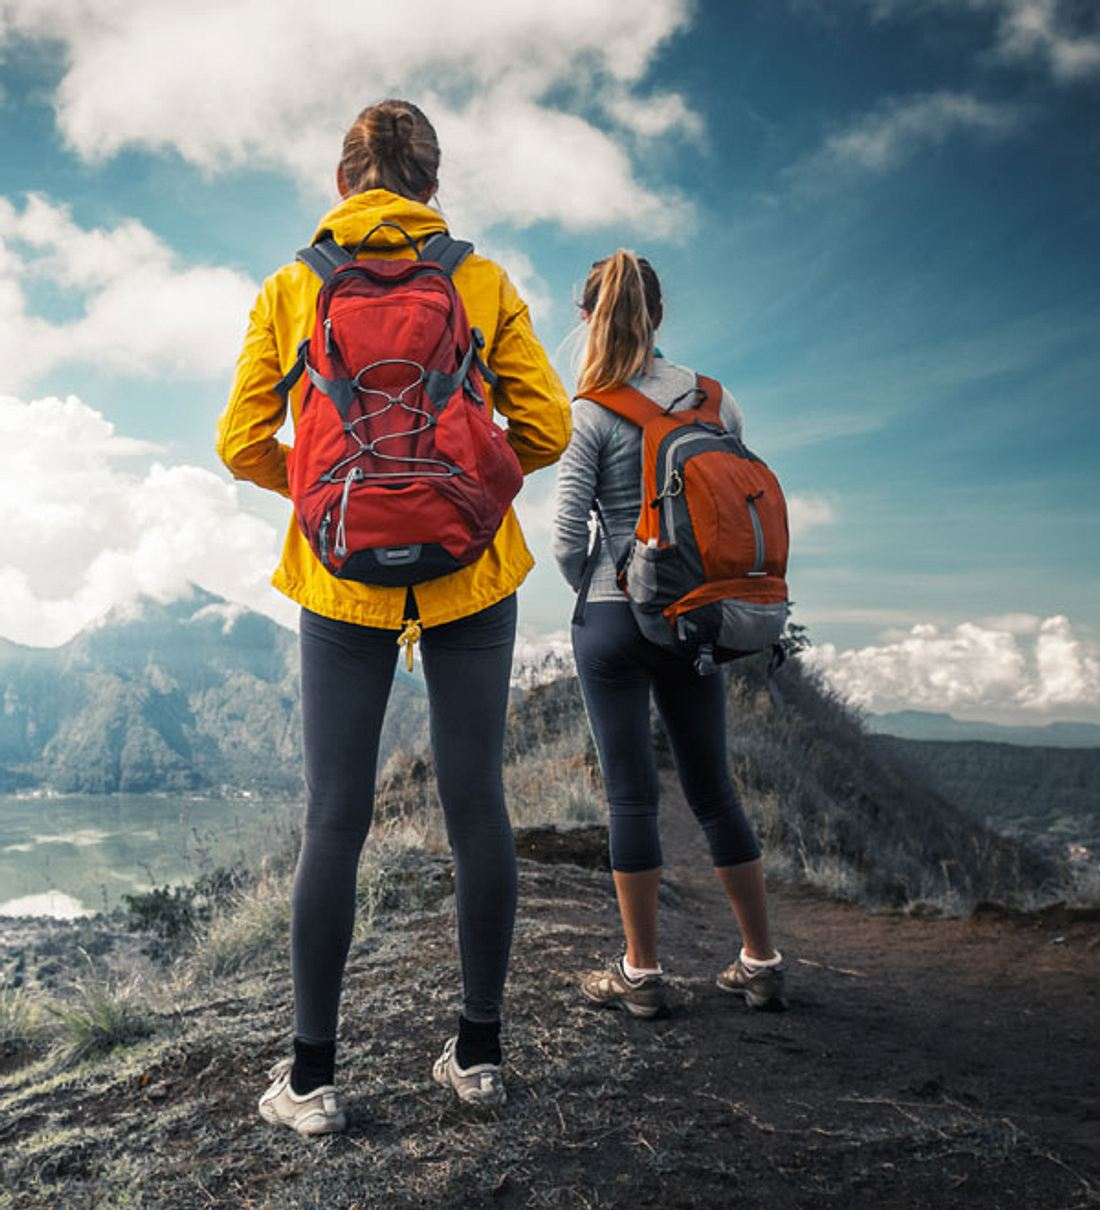 Zwei Backpackerinnen klagen über Magenprobleme danach sind sie tot